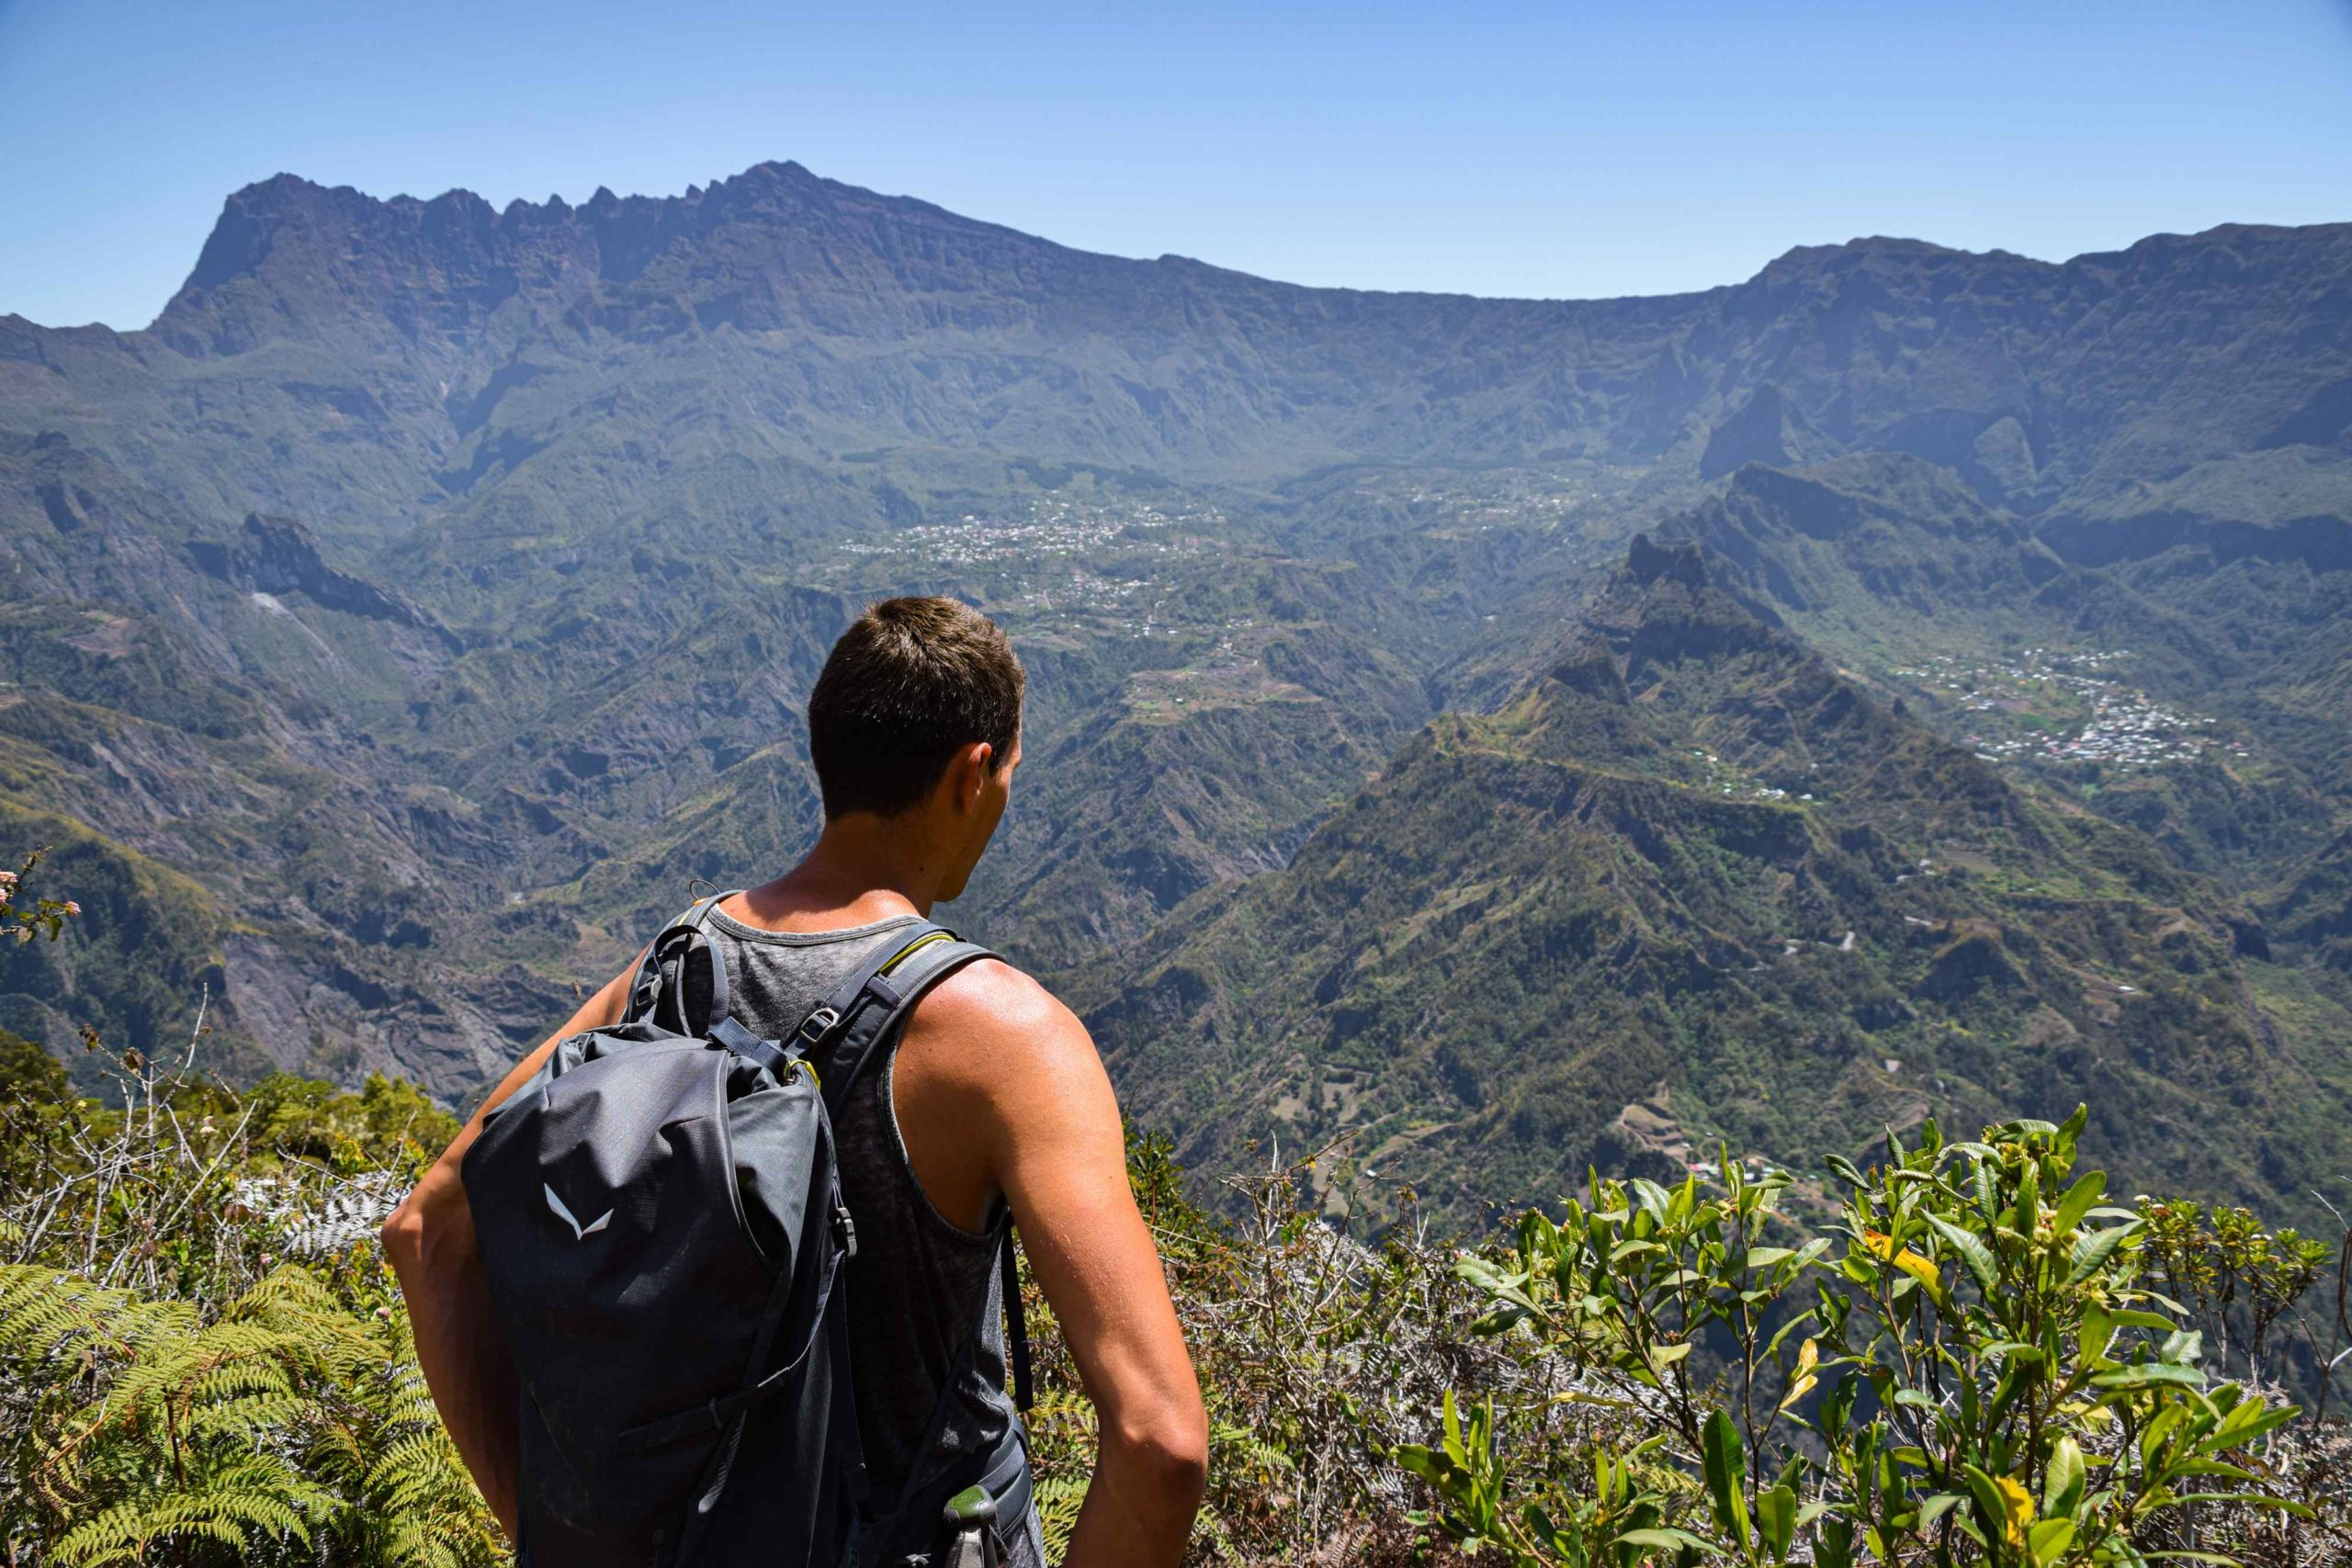 La Réunion - Les Makes et Cilaos